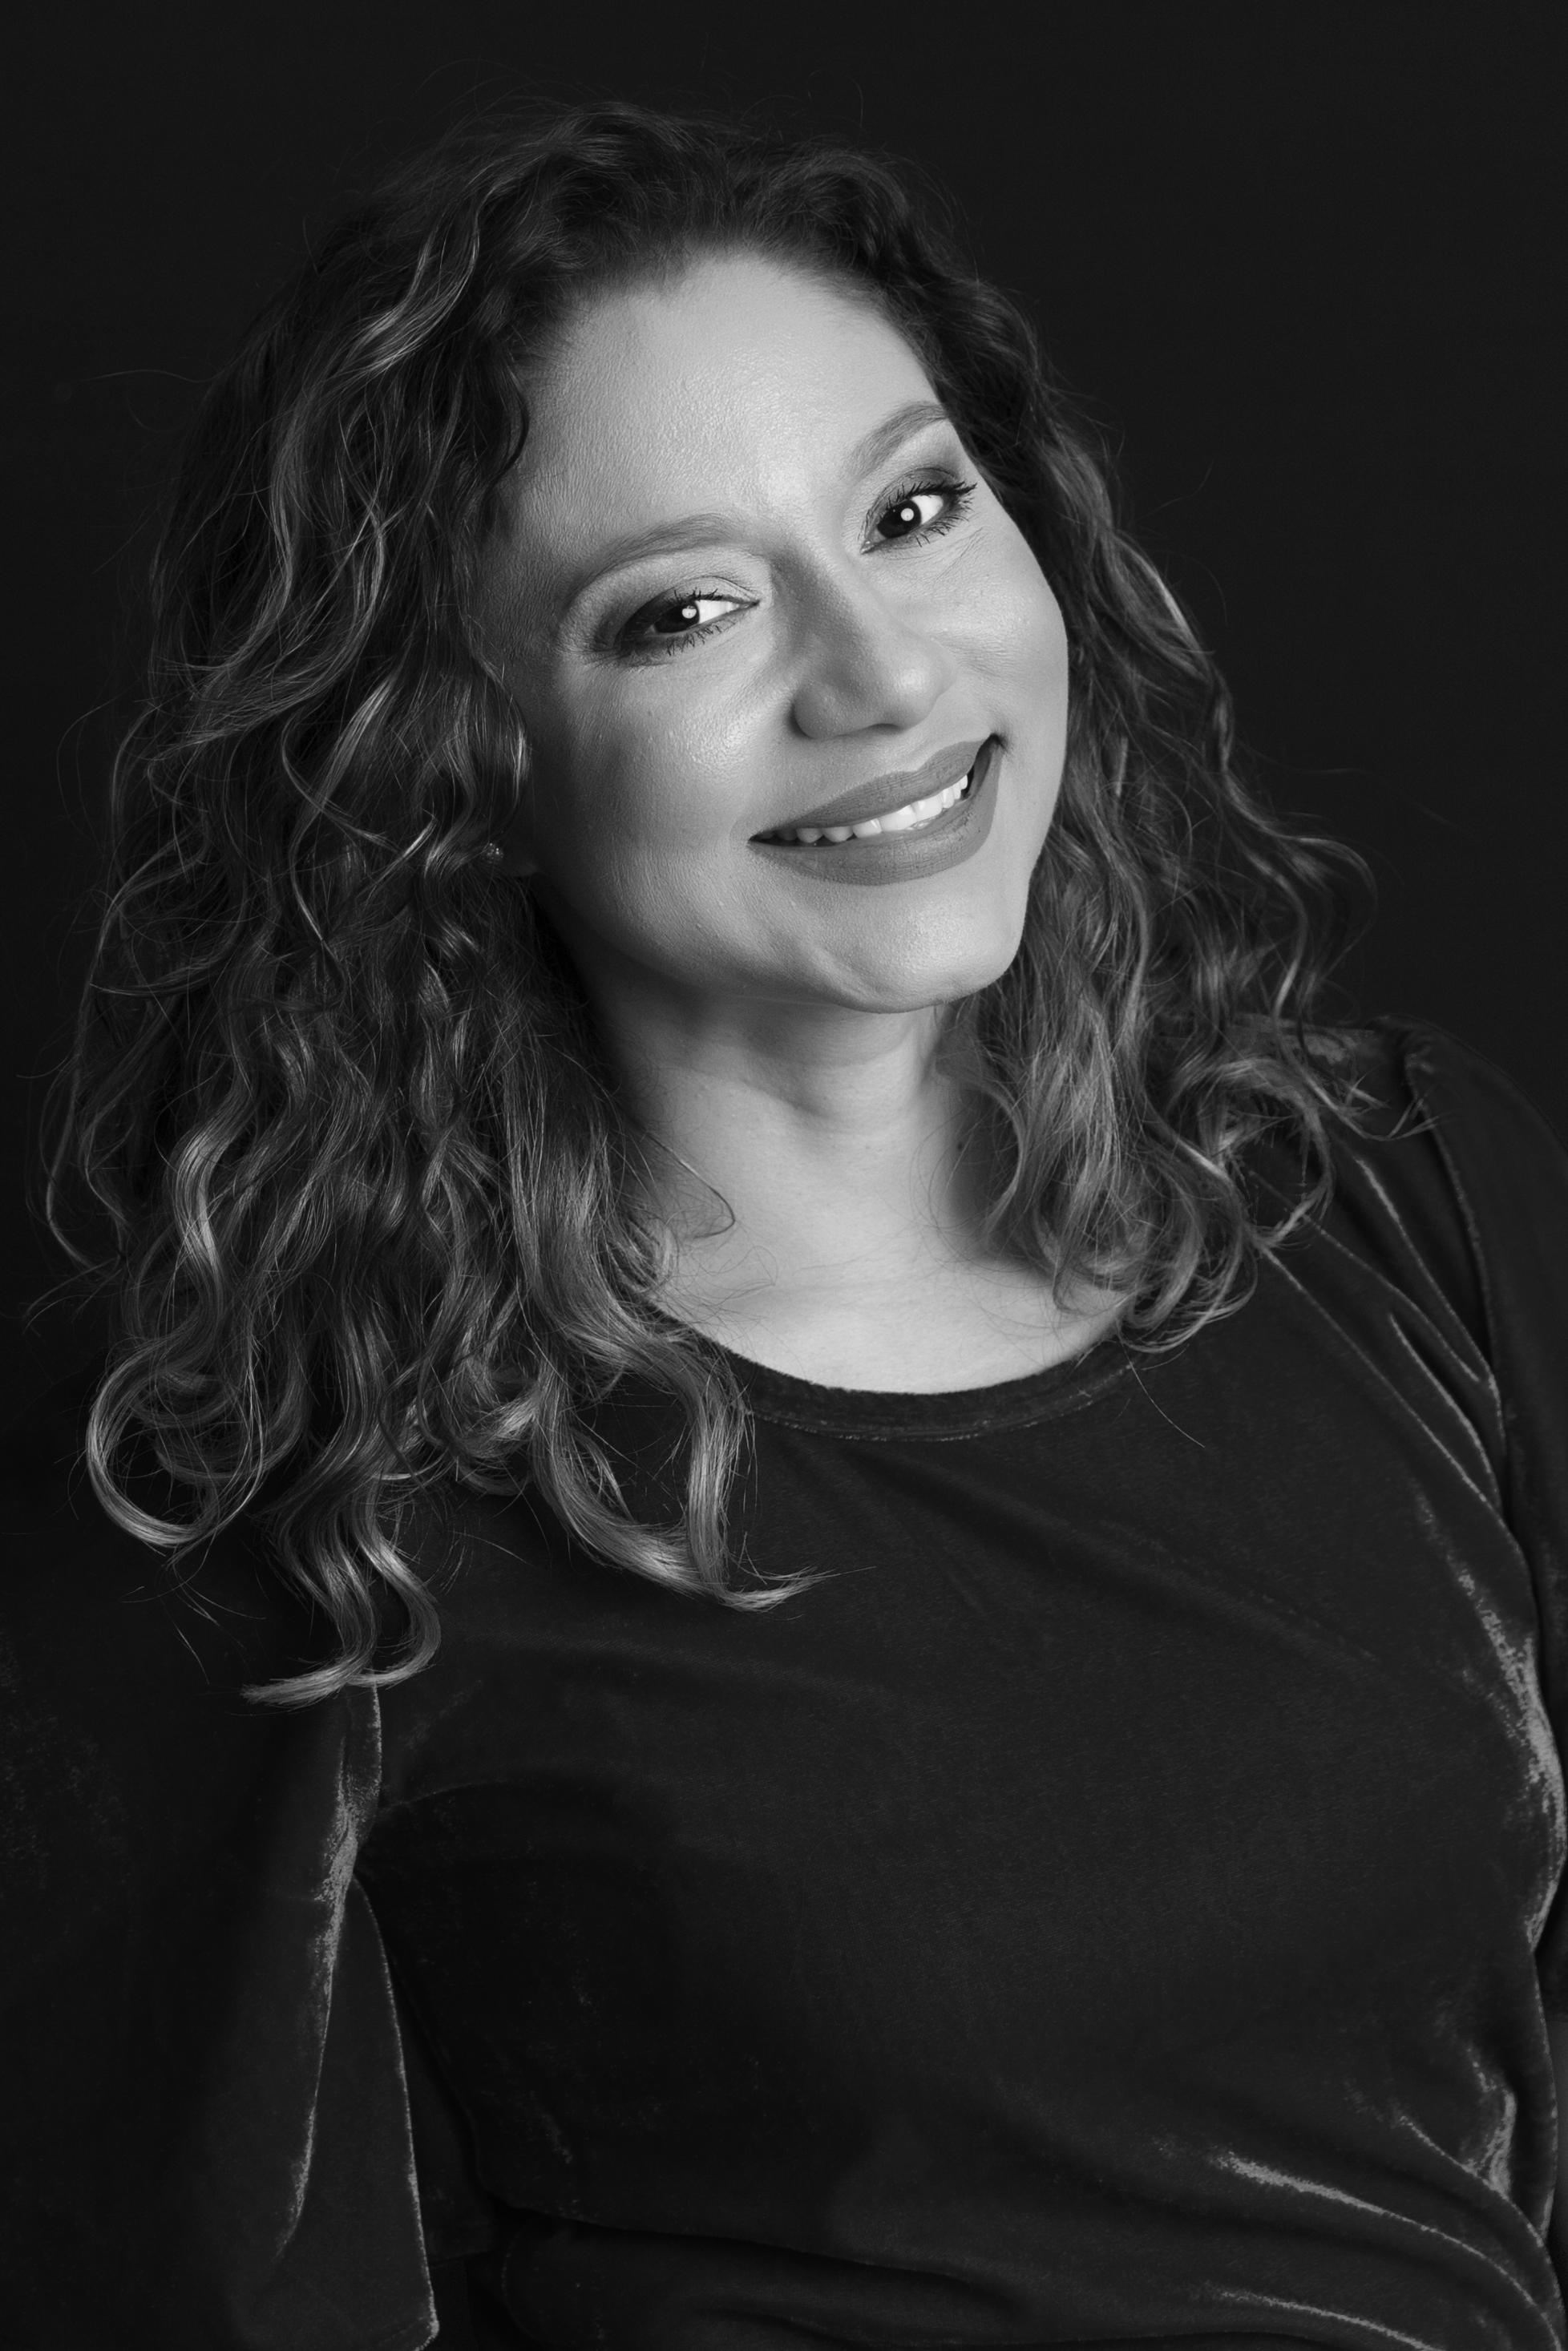 Sobre Catianne Oliveira - fotógrafa de newborn em Teresina desde 2011